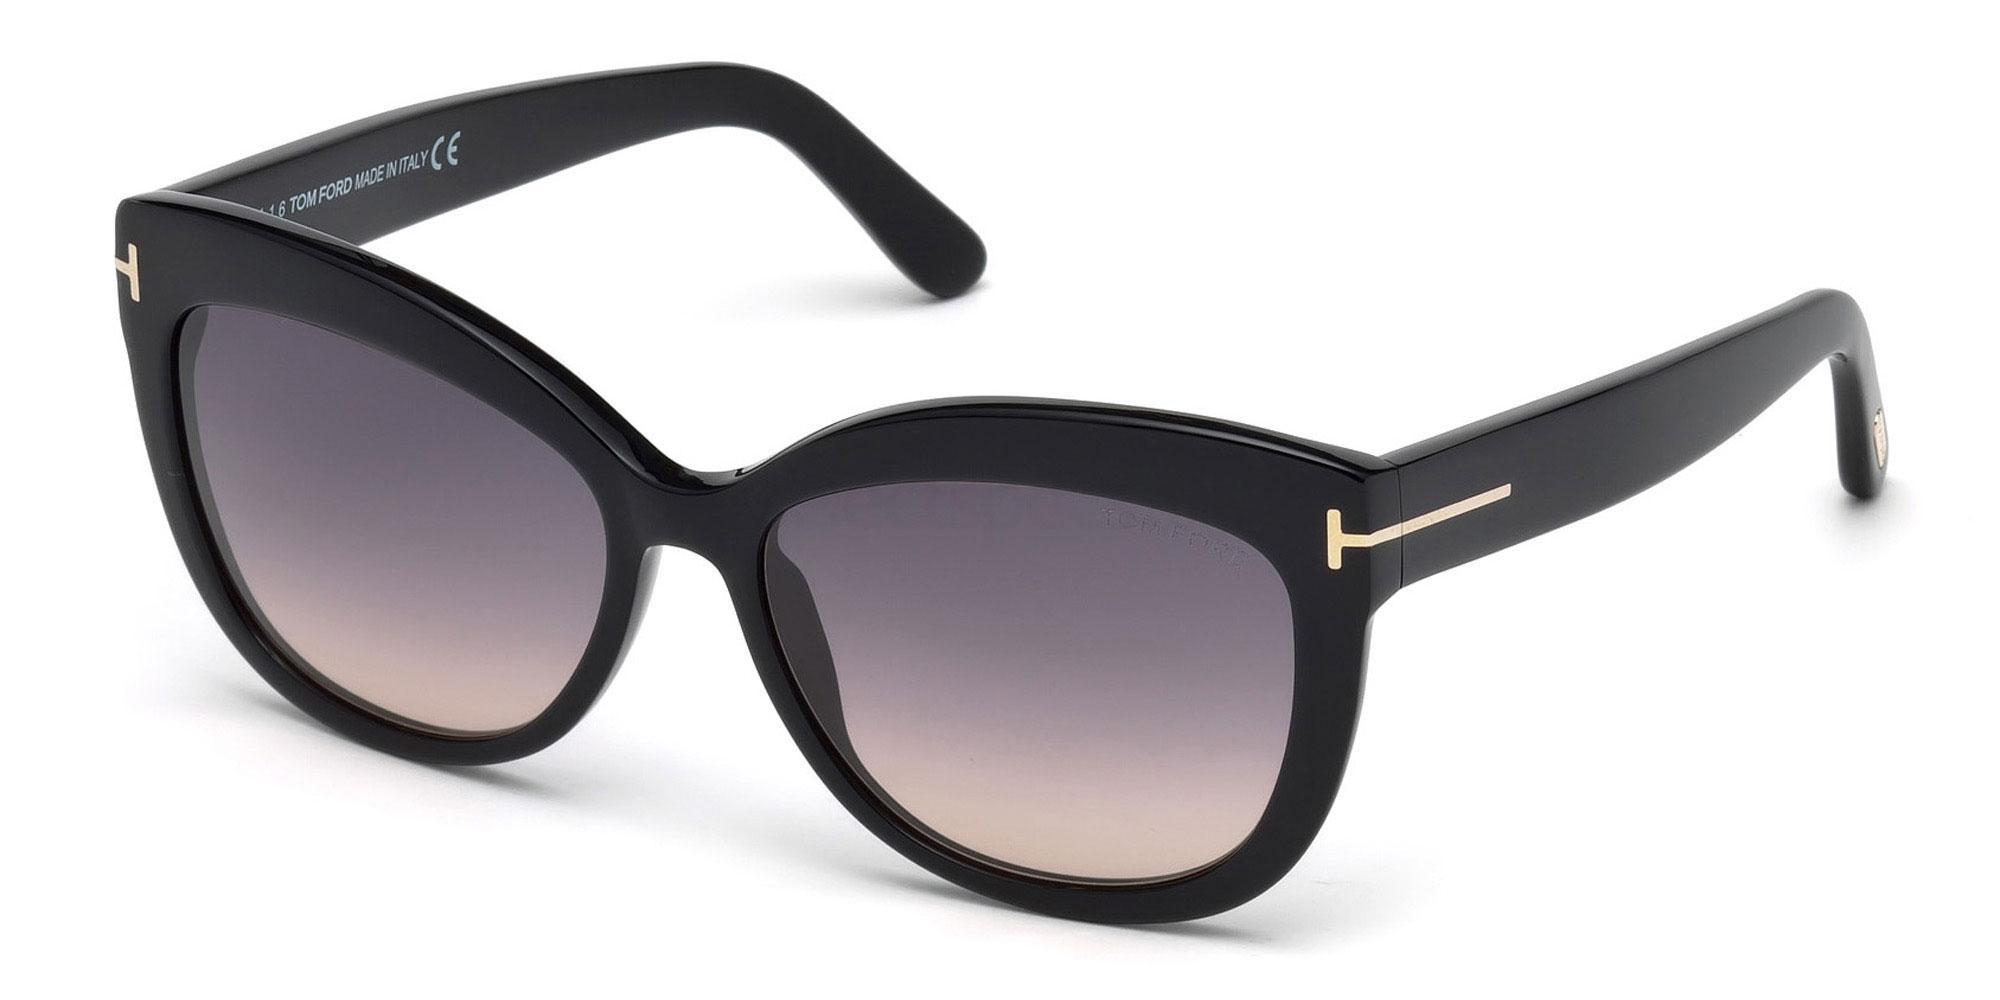 01B FT0524 Sunglasses, Tom Ford